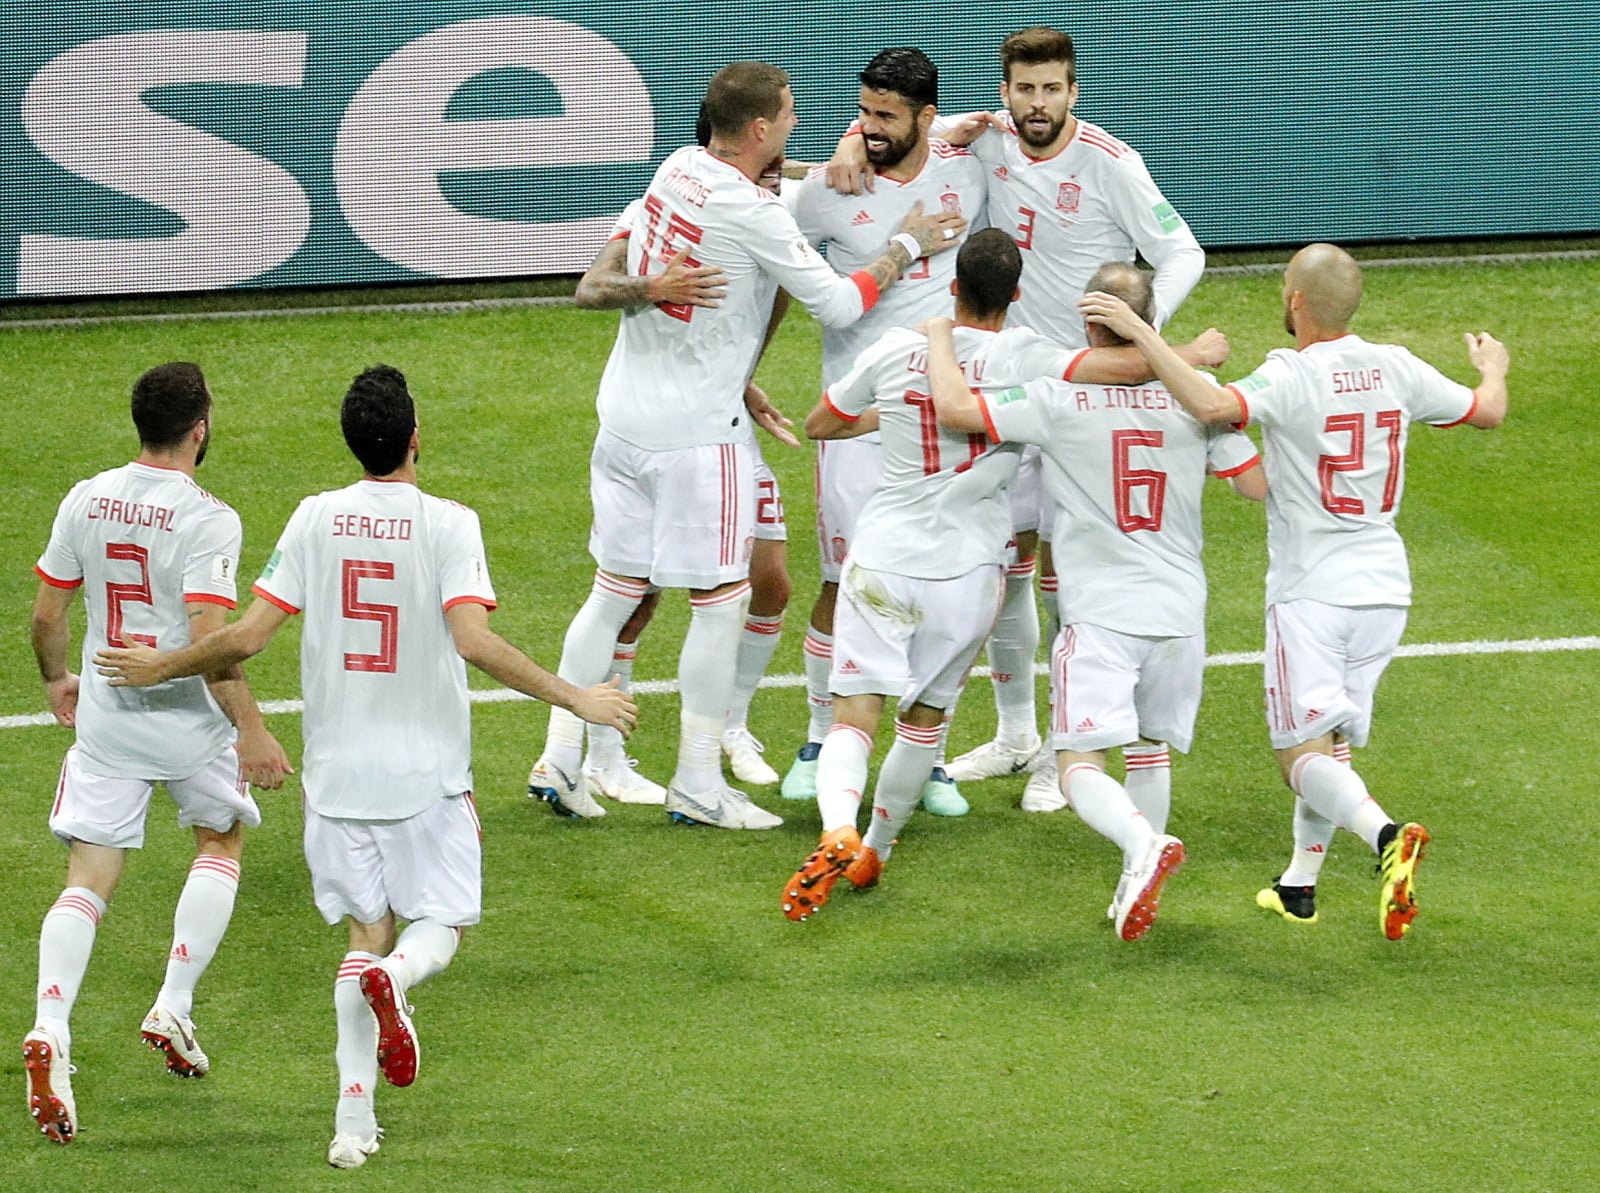 Zwycięska Hiszpania po meczu z Iranem  EPA-EFE/SERGEY DOLZHENKO